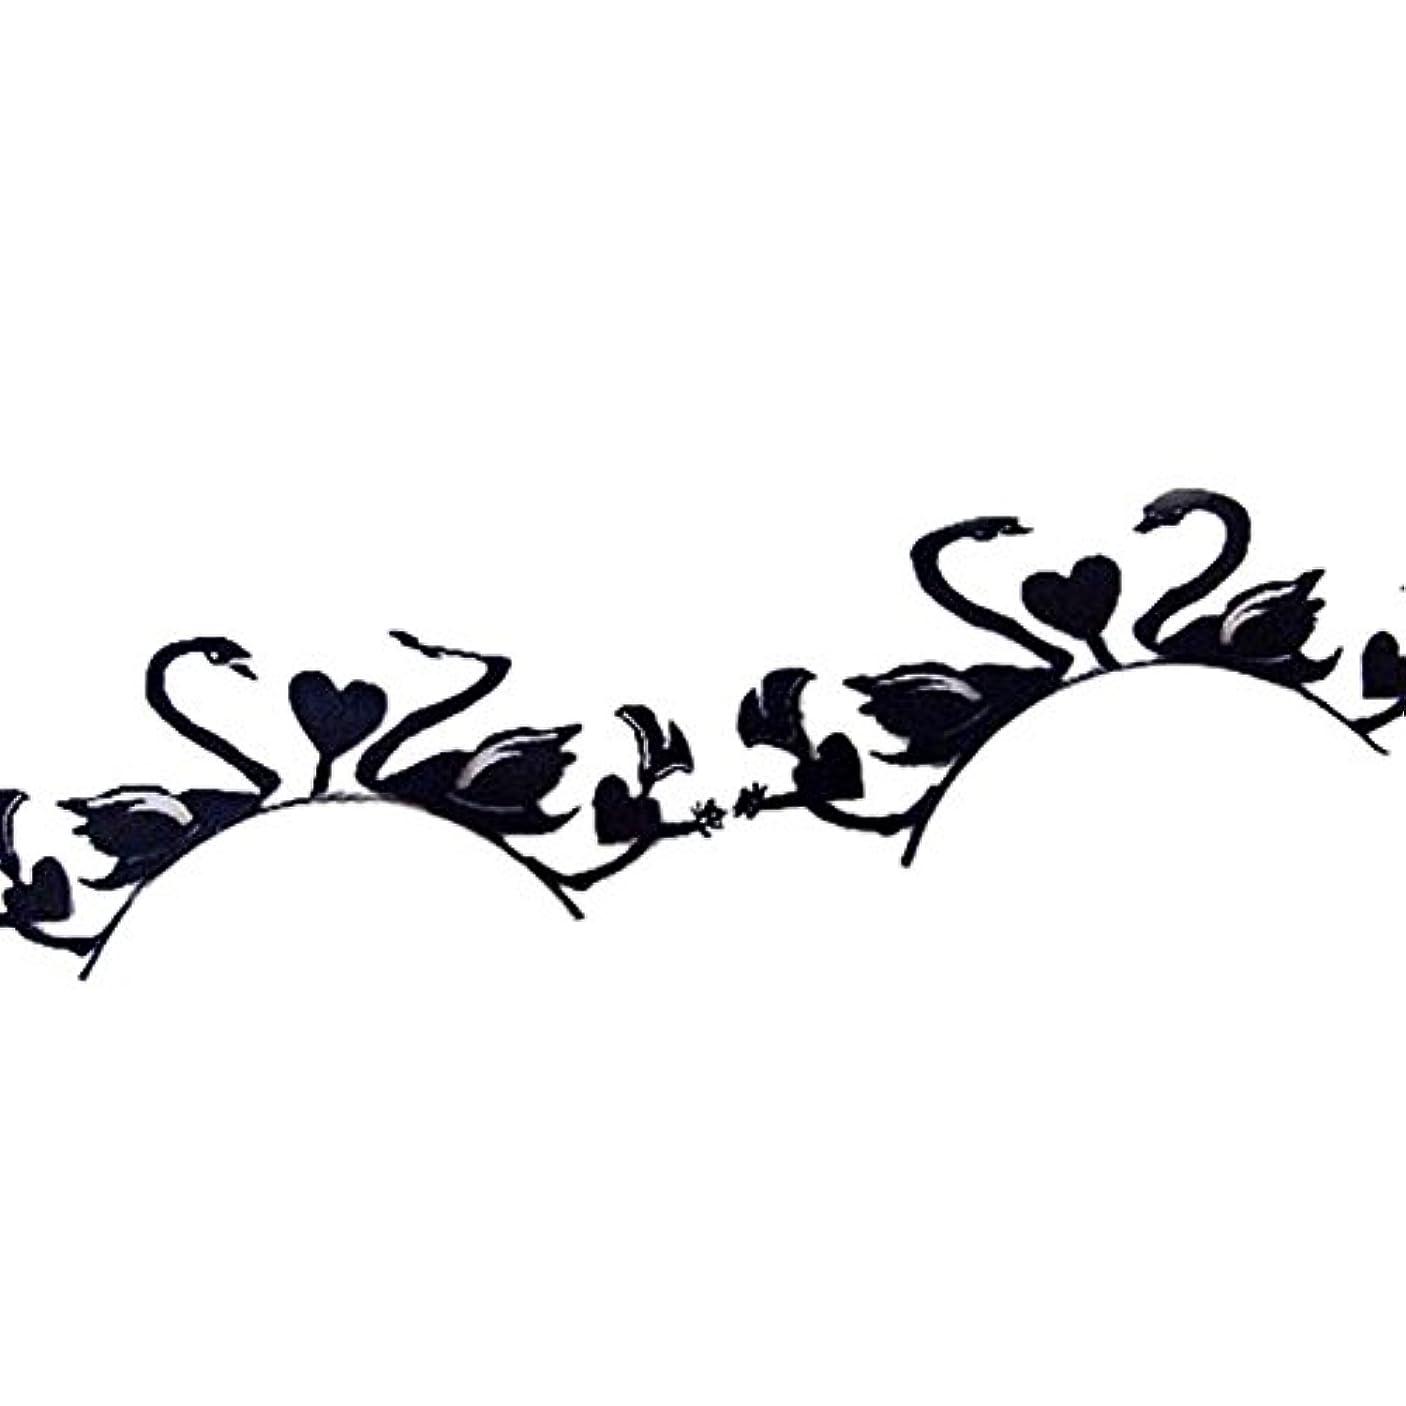 暖かさ前者ソフィー花嫁紙カットアートスタイルの紙ステージ白鳥と愛まつげ